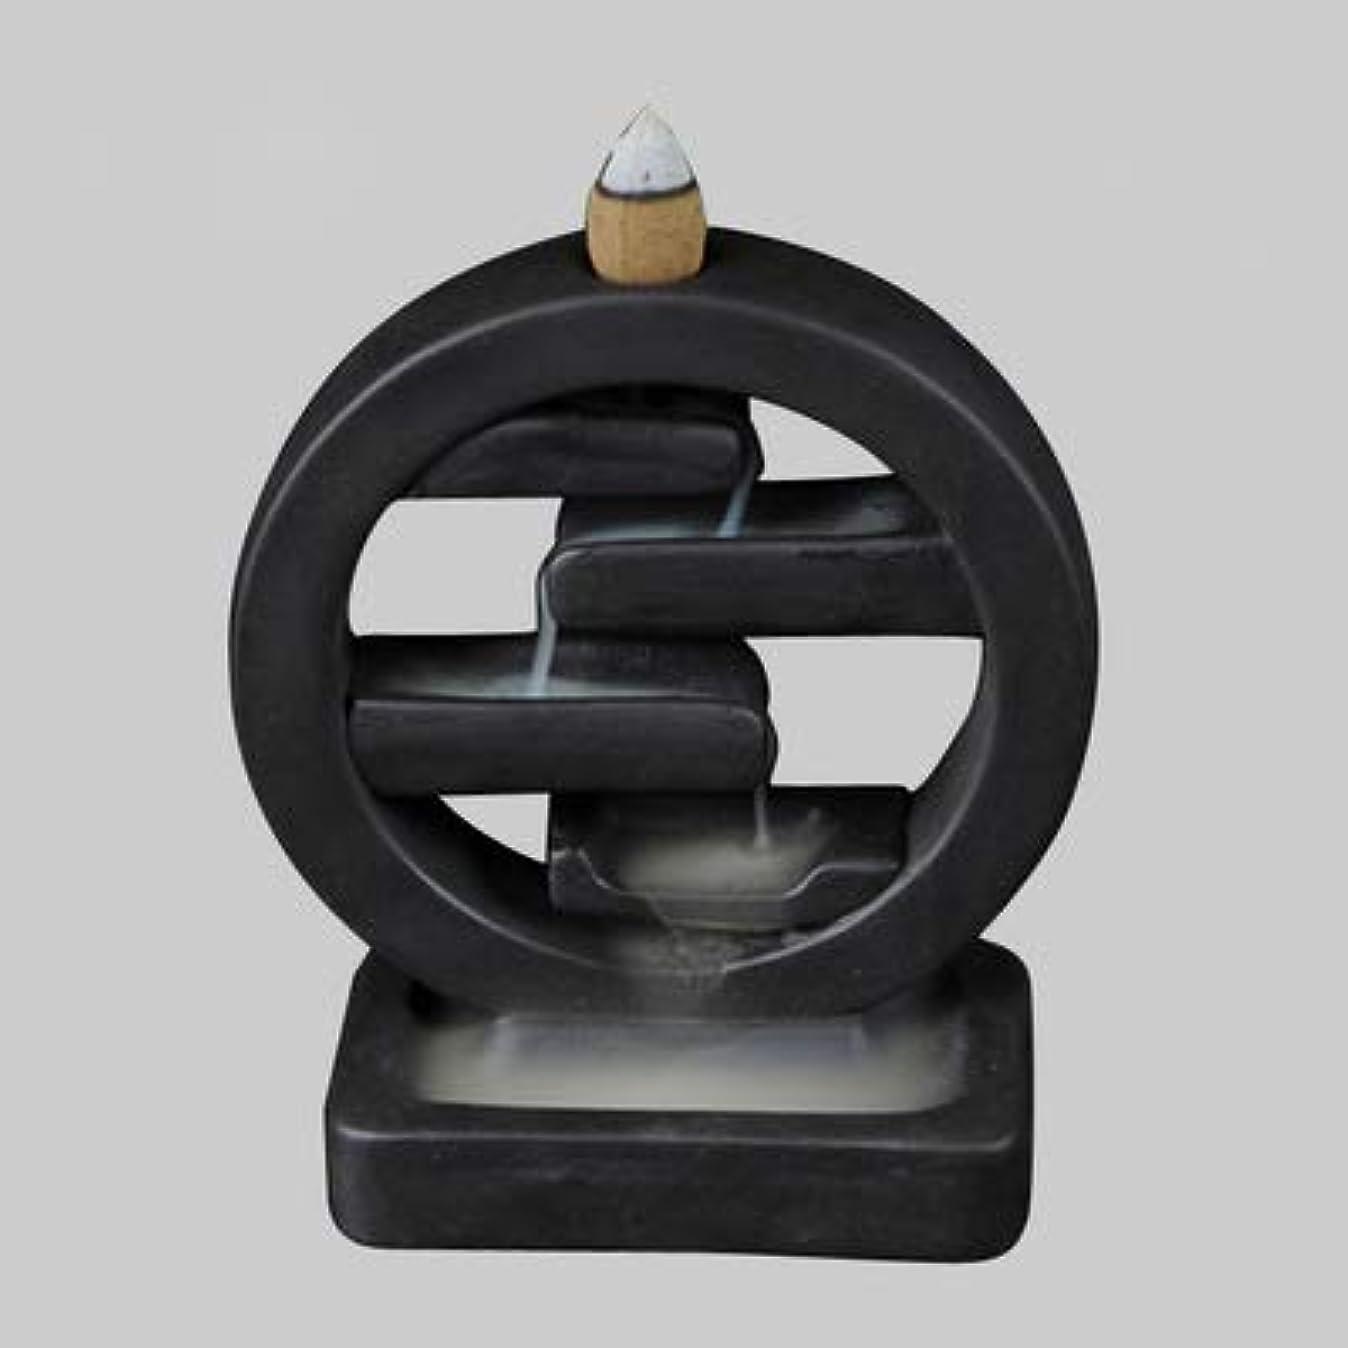 呼びかける広範囲魔術師PHILOGOD クリエイティブスタイリング陶器香炉 仏壇用逆流香 倒流香 香皿